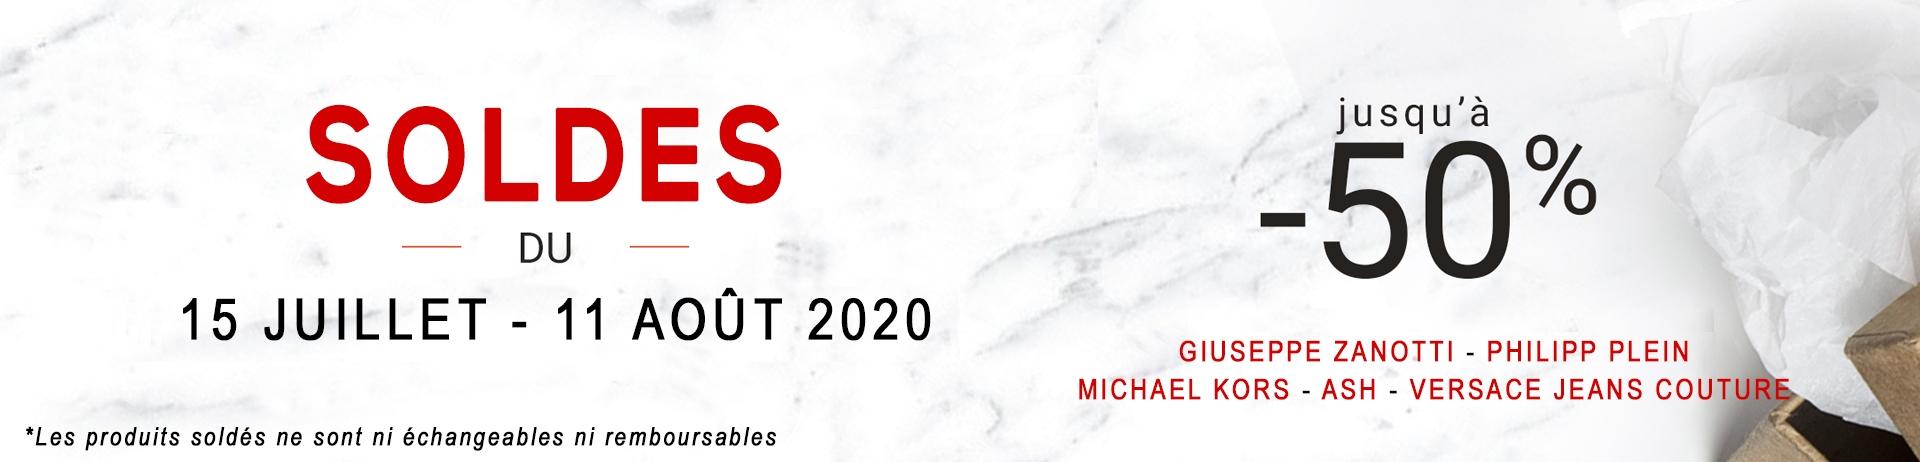 SOLDES JUILLET 2020